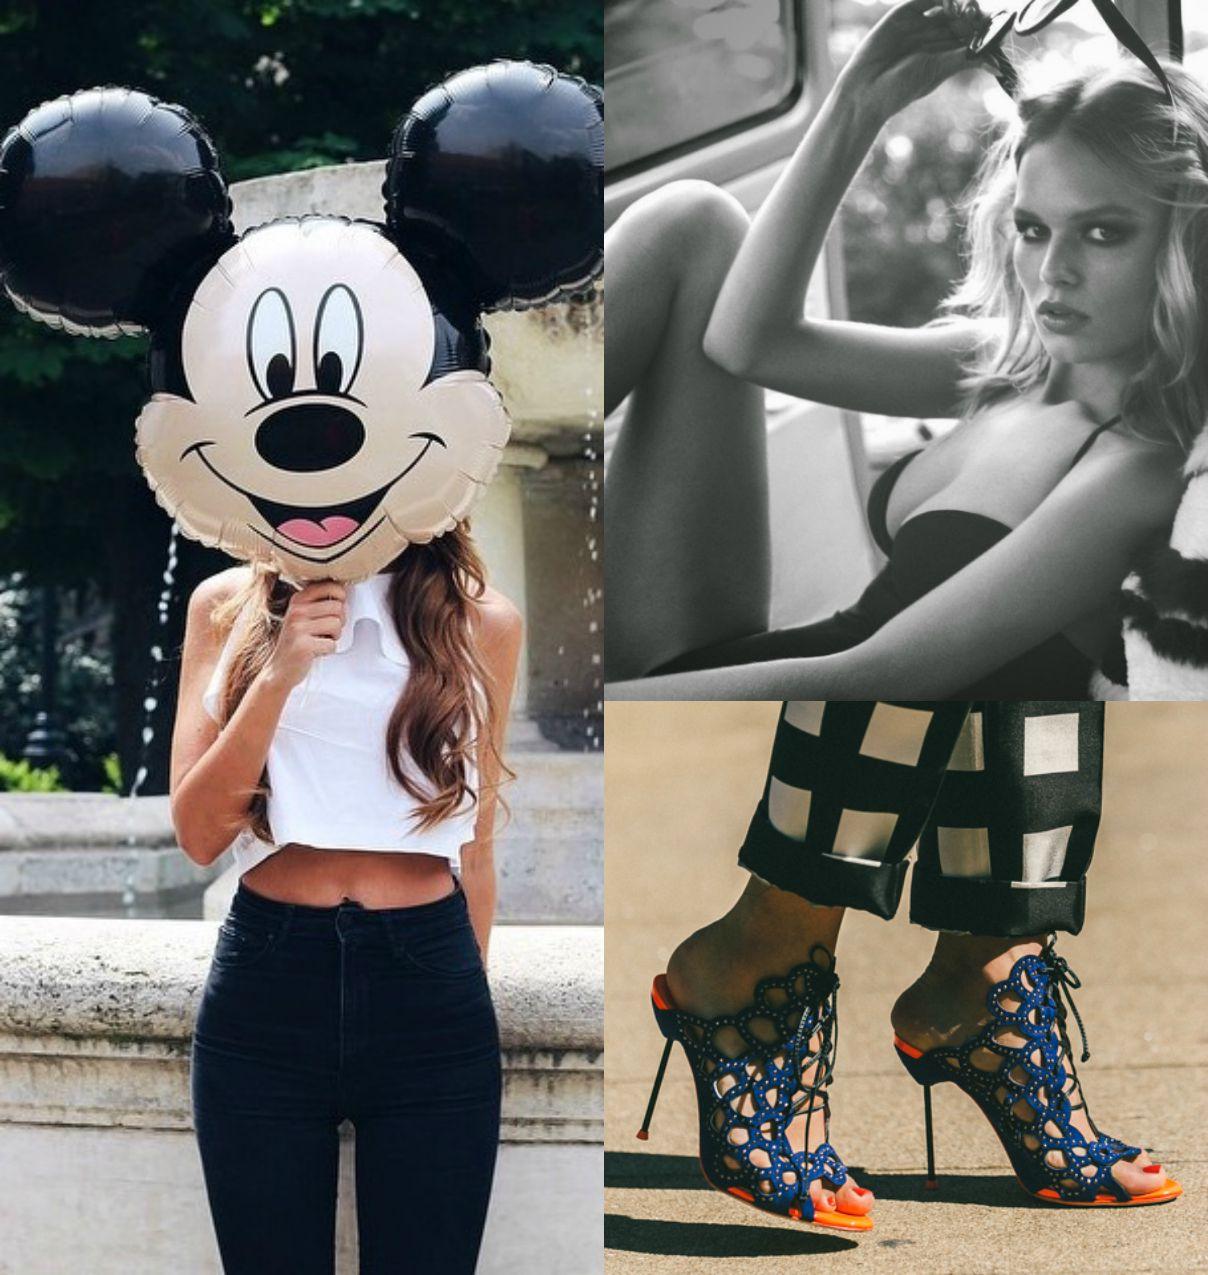 Shopping, donne e desideri in divenire, alessia milanese, thechilicool, fashion blog, fashion blogger, mercatino, usato firmato